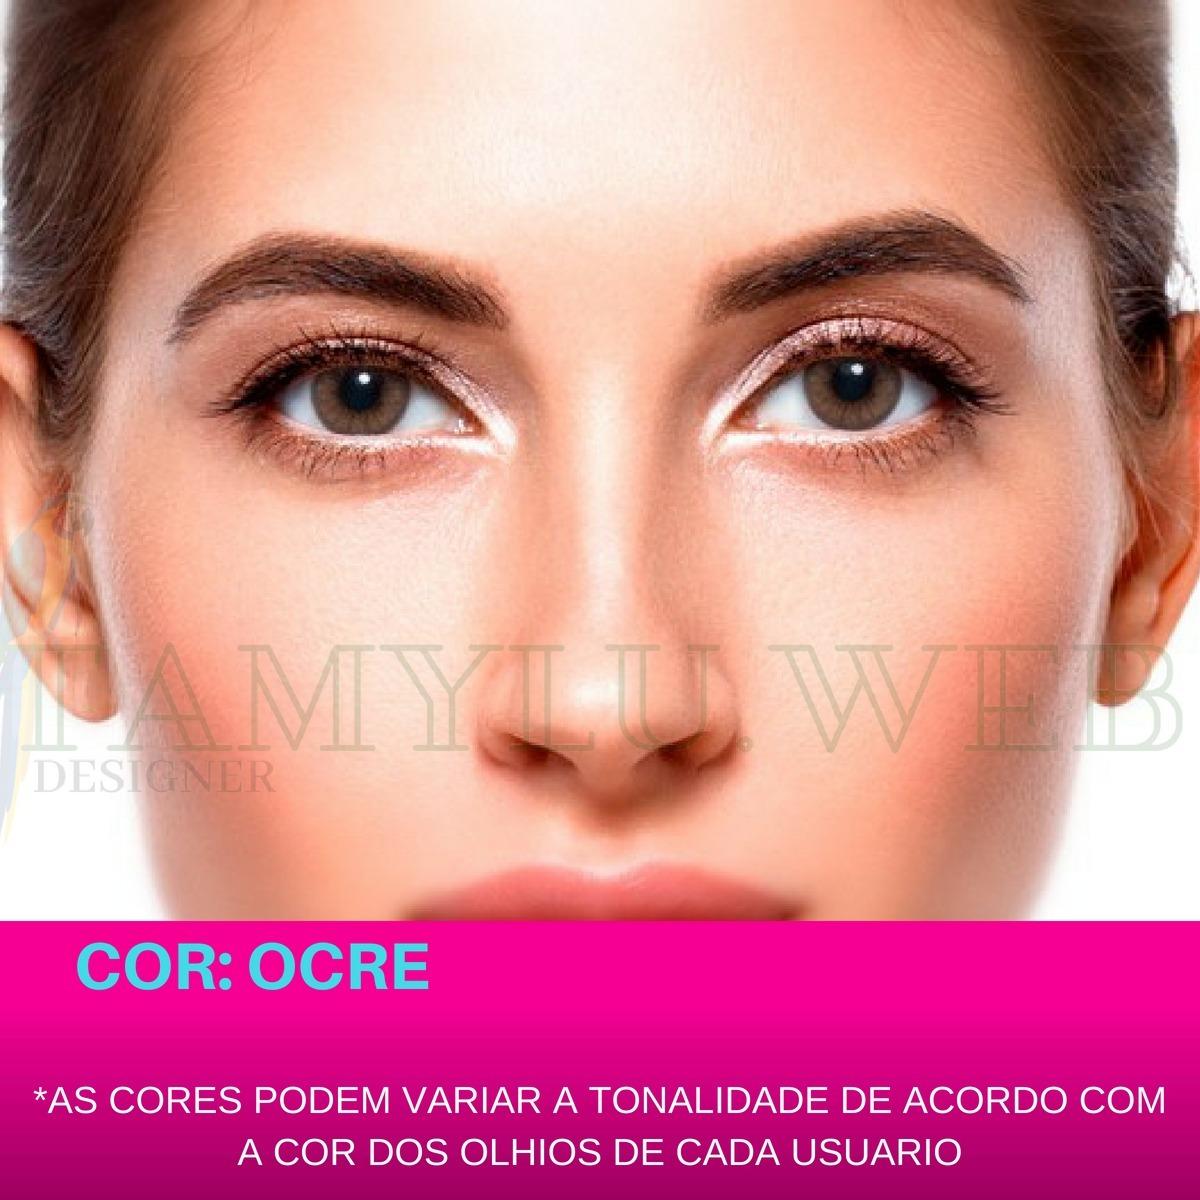 cffd3ebc746b0 Lentes De Contato Coloridas Natural Colors Solótica Oferta - R  57 ...